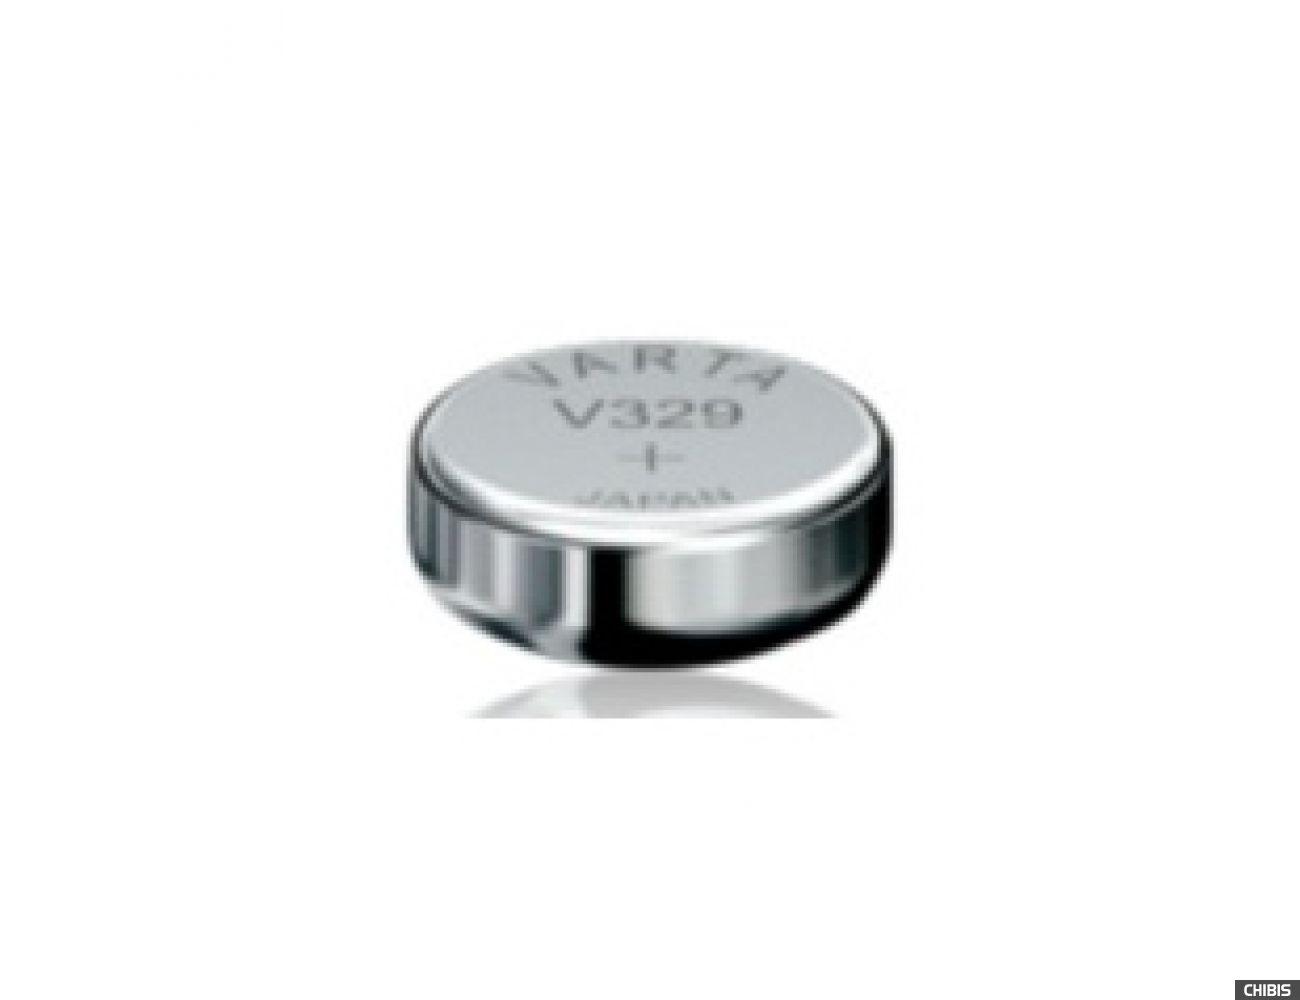 Батарейка Varta V329 (36 mAh, 1,55 V) 329101111